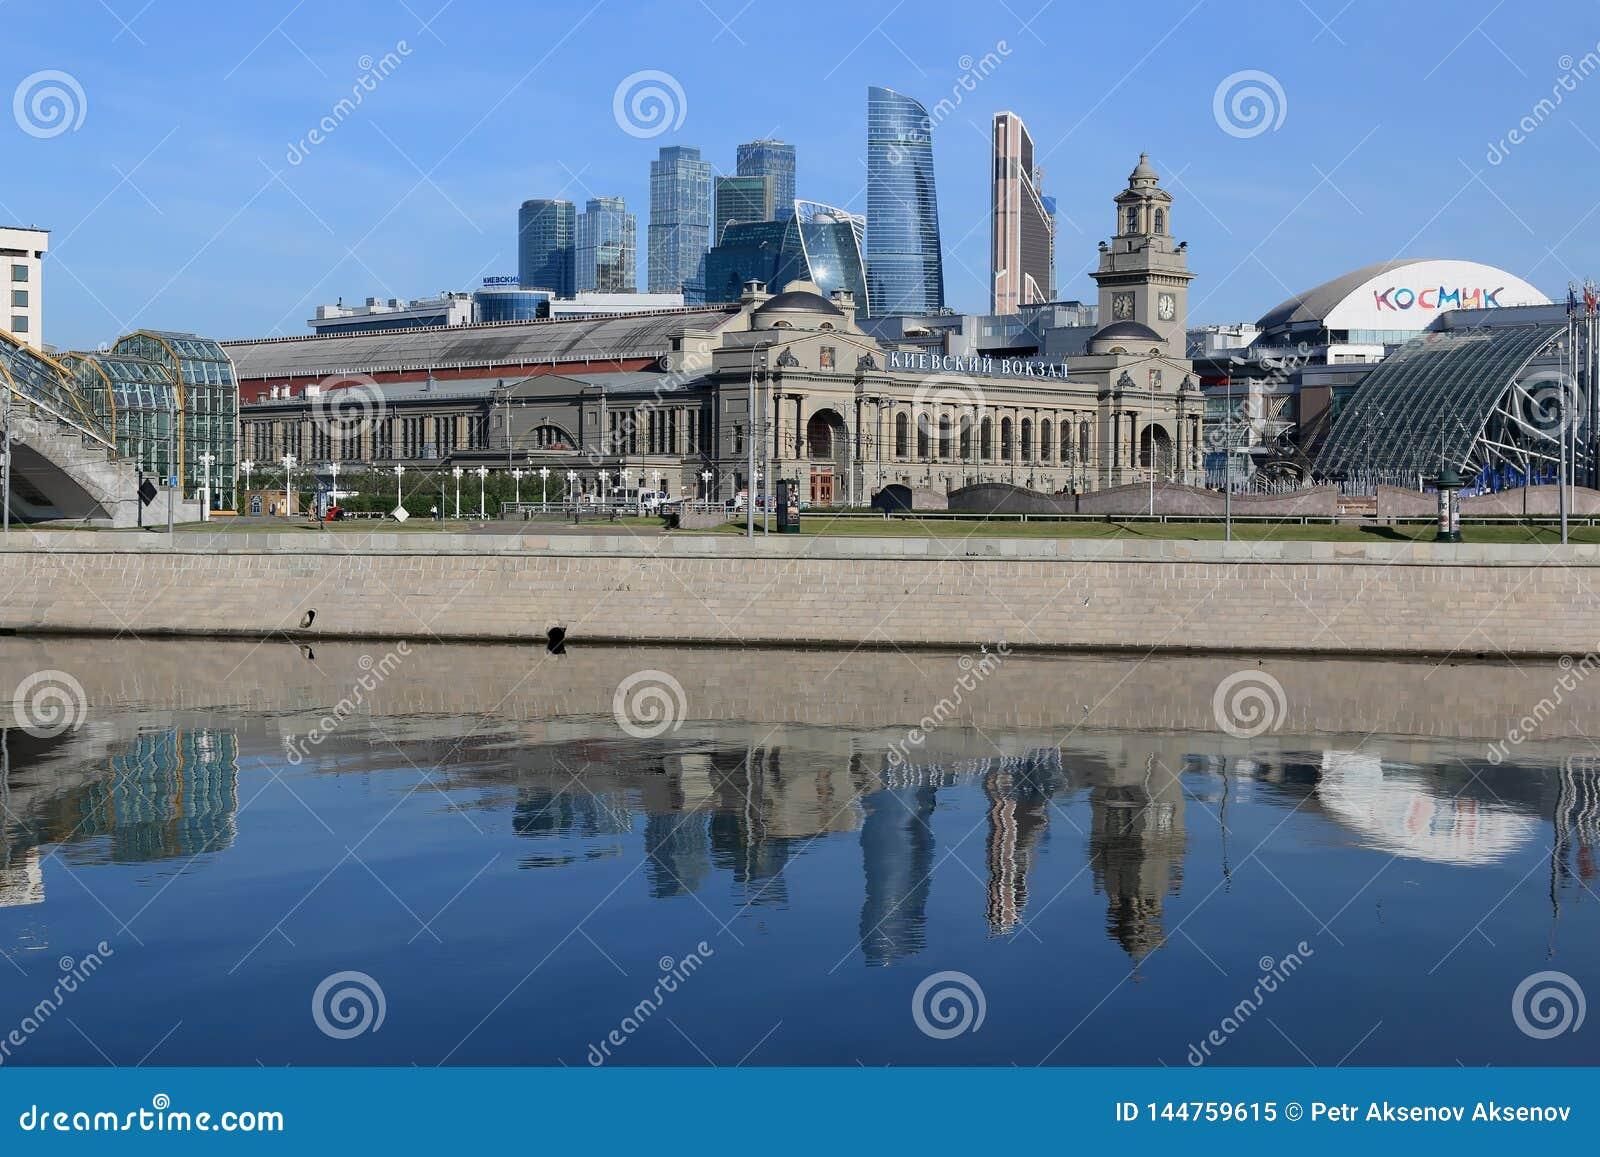 莫斯科,俄罗斯- 2018年6月16日:莫斯科河、Berezhkovskaya堤防和基辅斯基火车站早晨